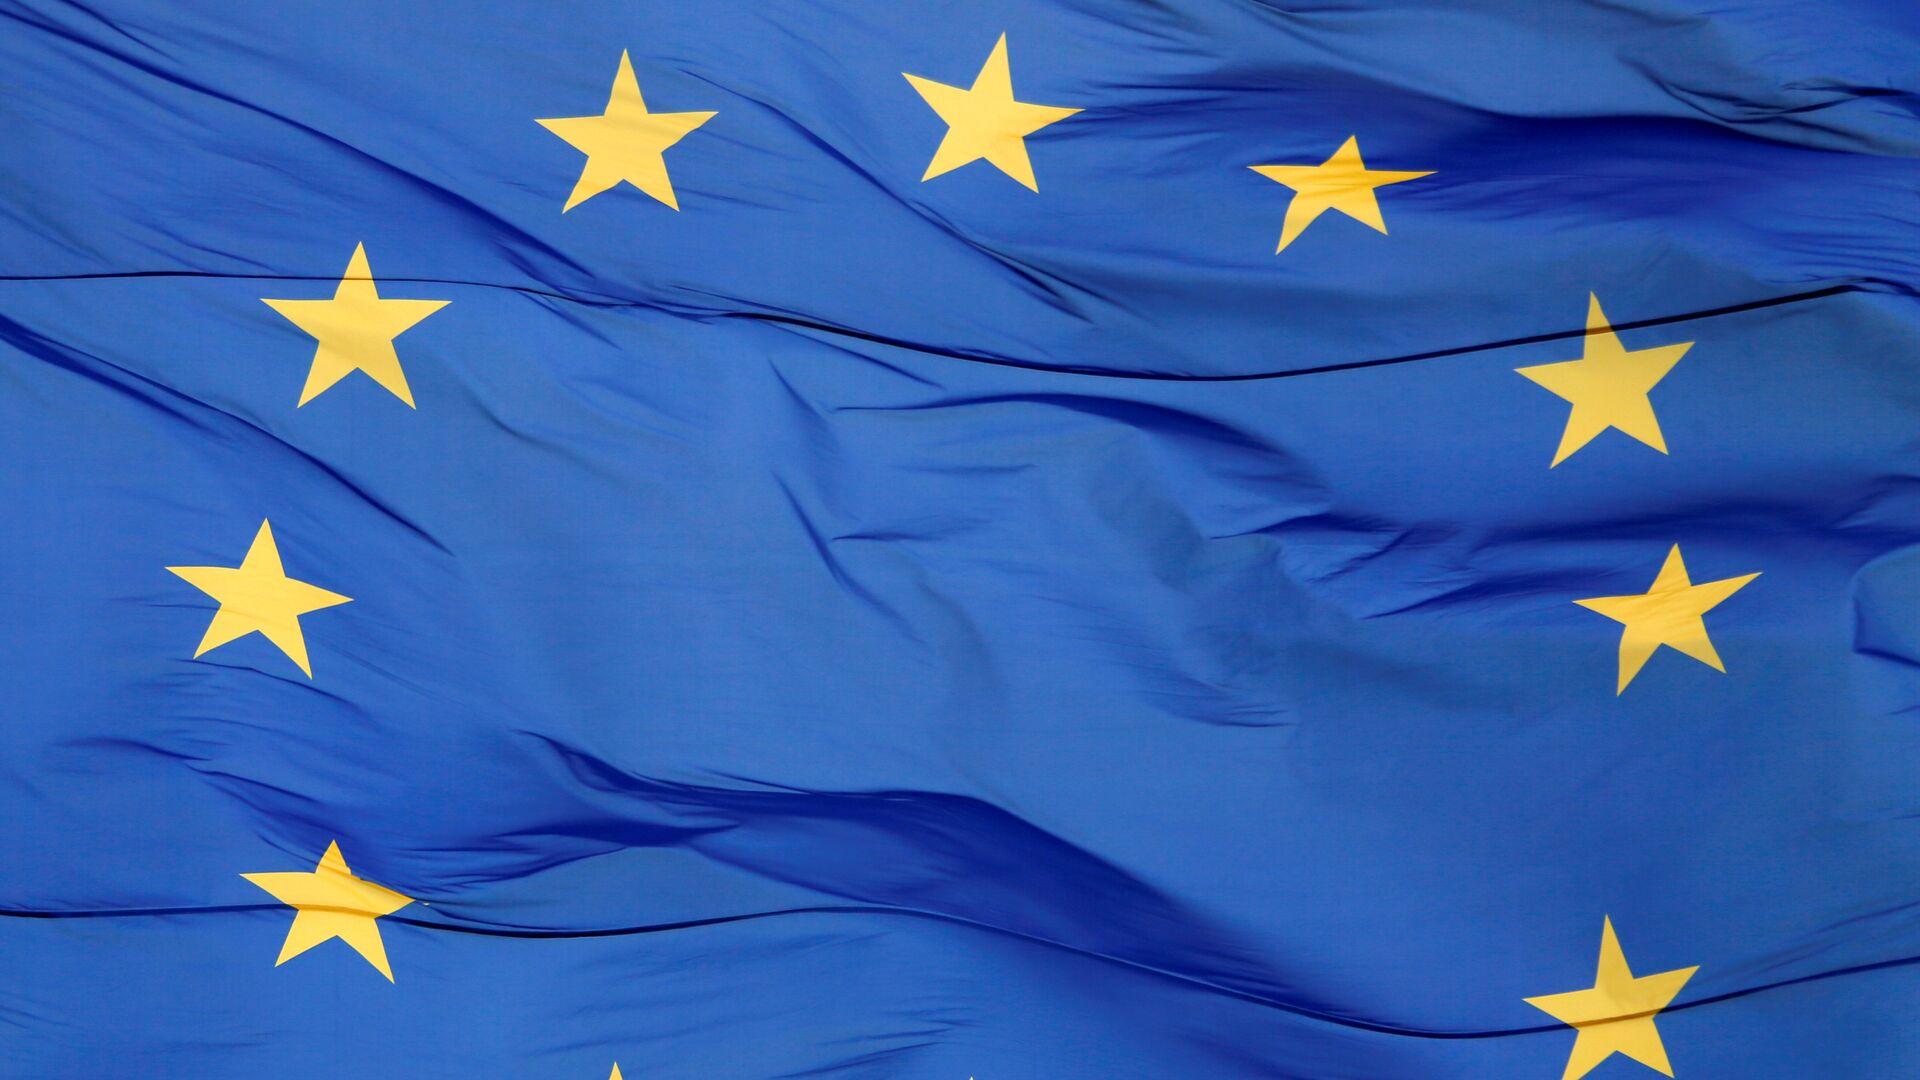 Bandera de la UE - Sputnik Mundo, 1920, 25.06.2021